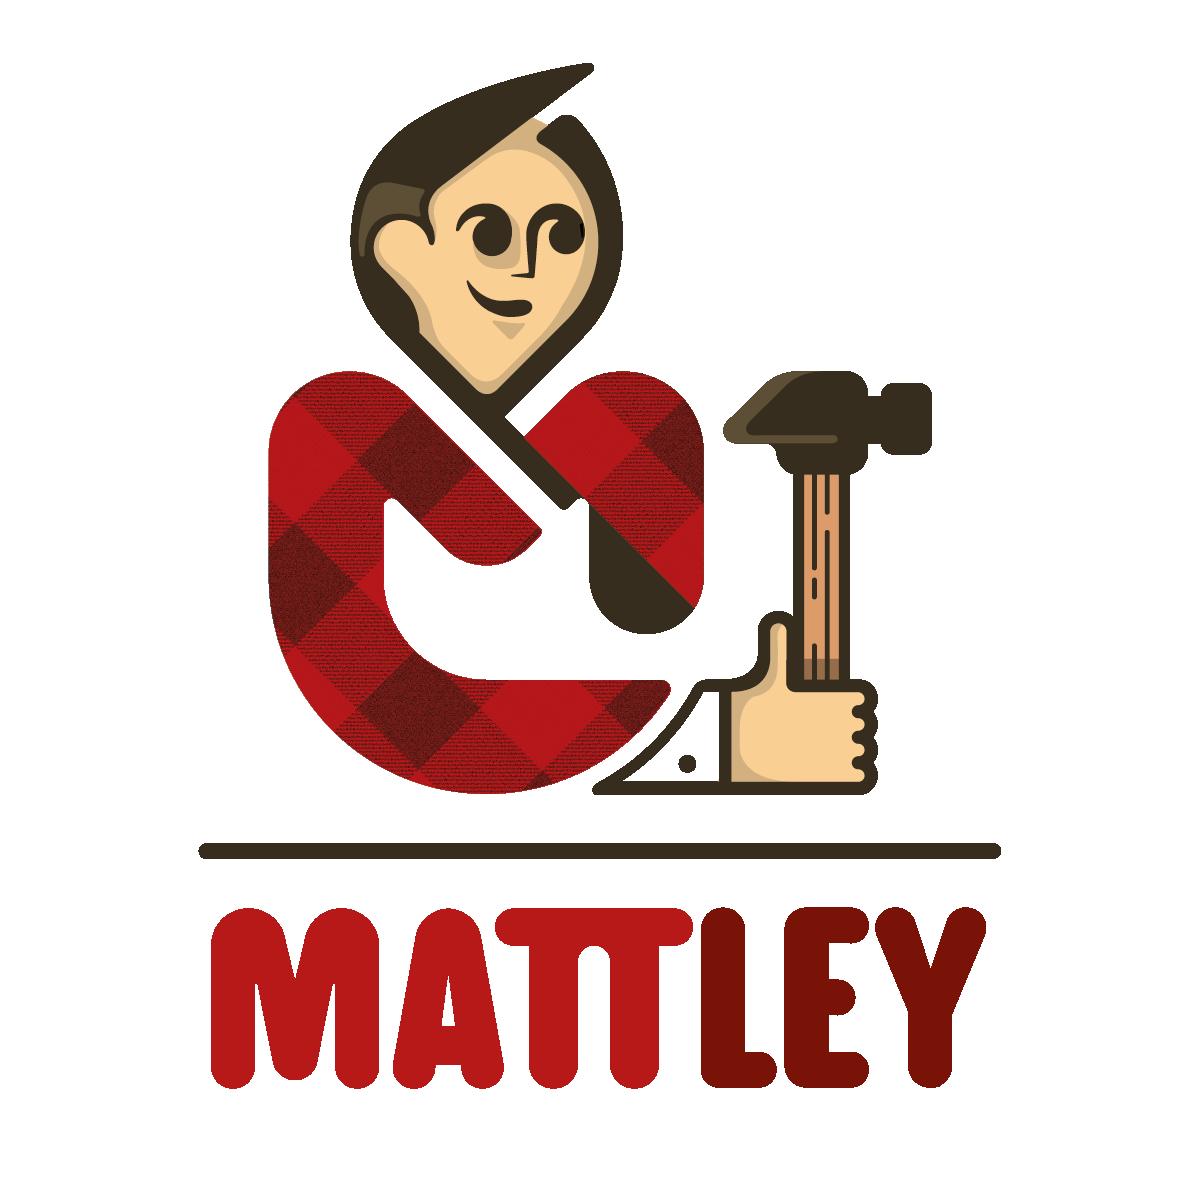 mattley